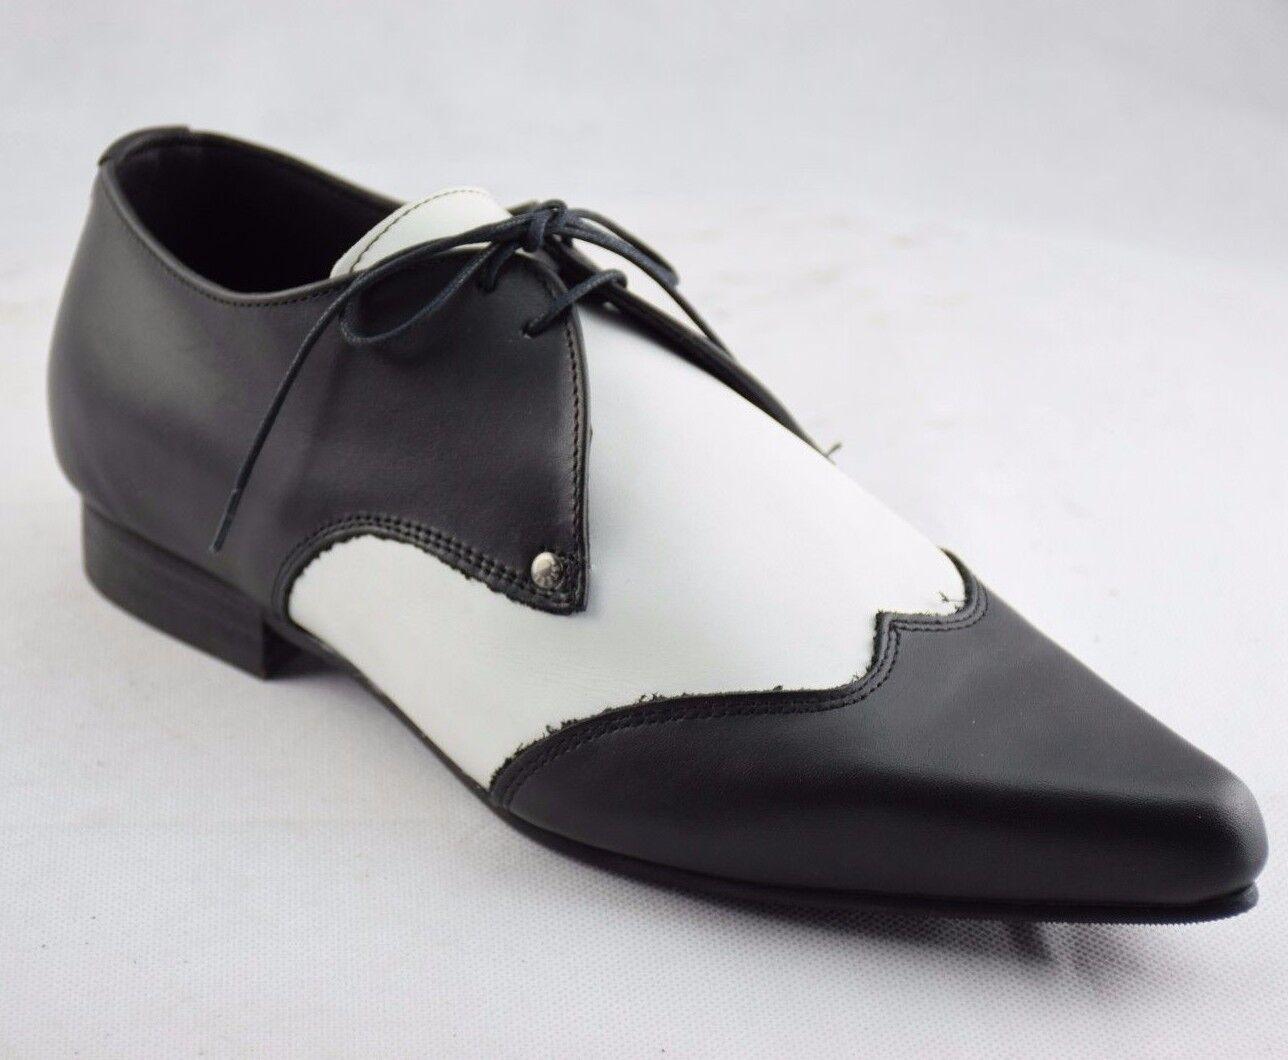 Scarpe di terra in acciaio Nero Bianco Pelle Stringati Stivali Scarpe Casual Sb005